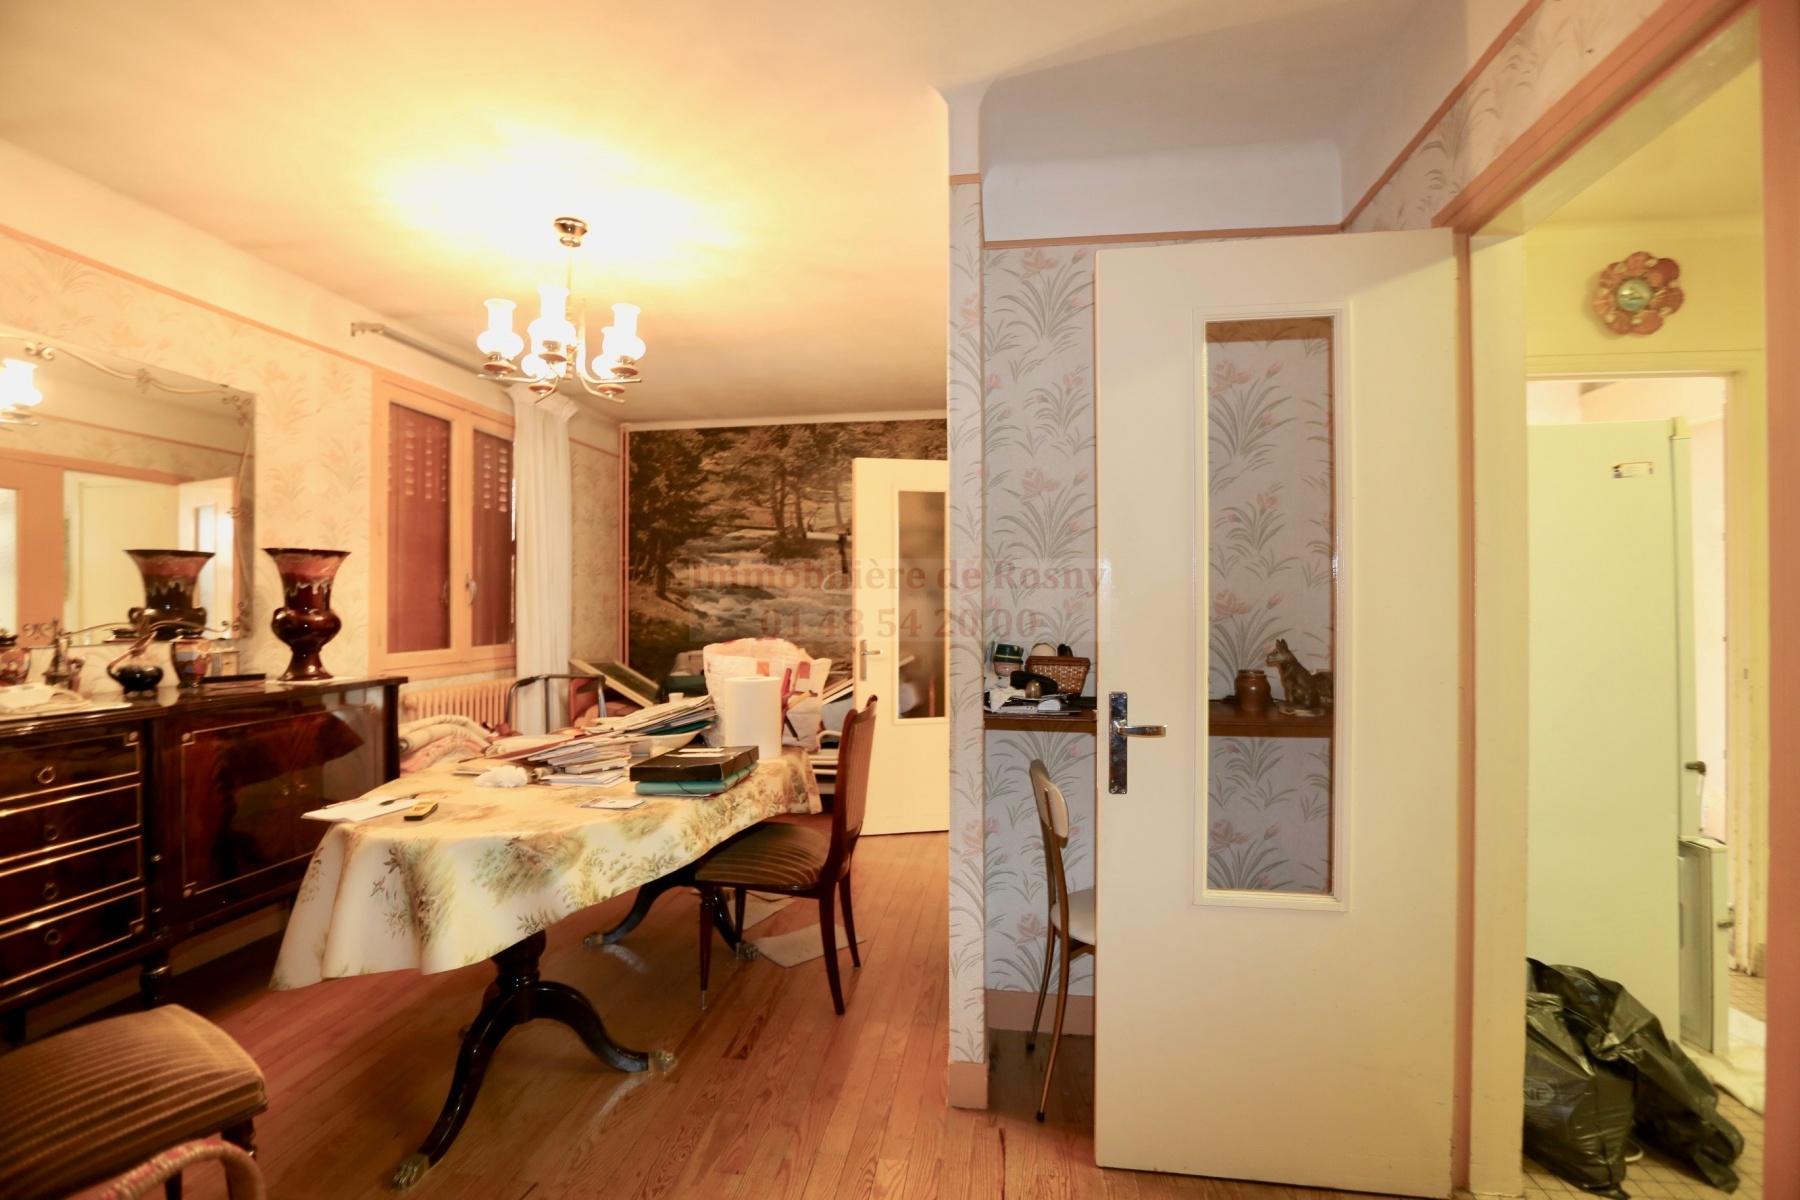 annonce vente maison rosny sous bois 93110 82 m 178 285 000 992738446367